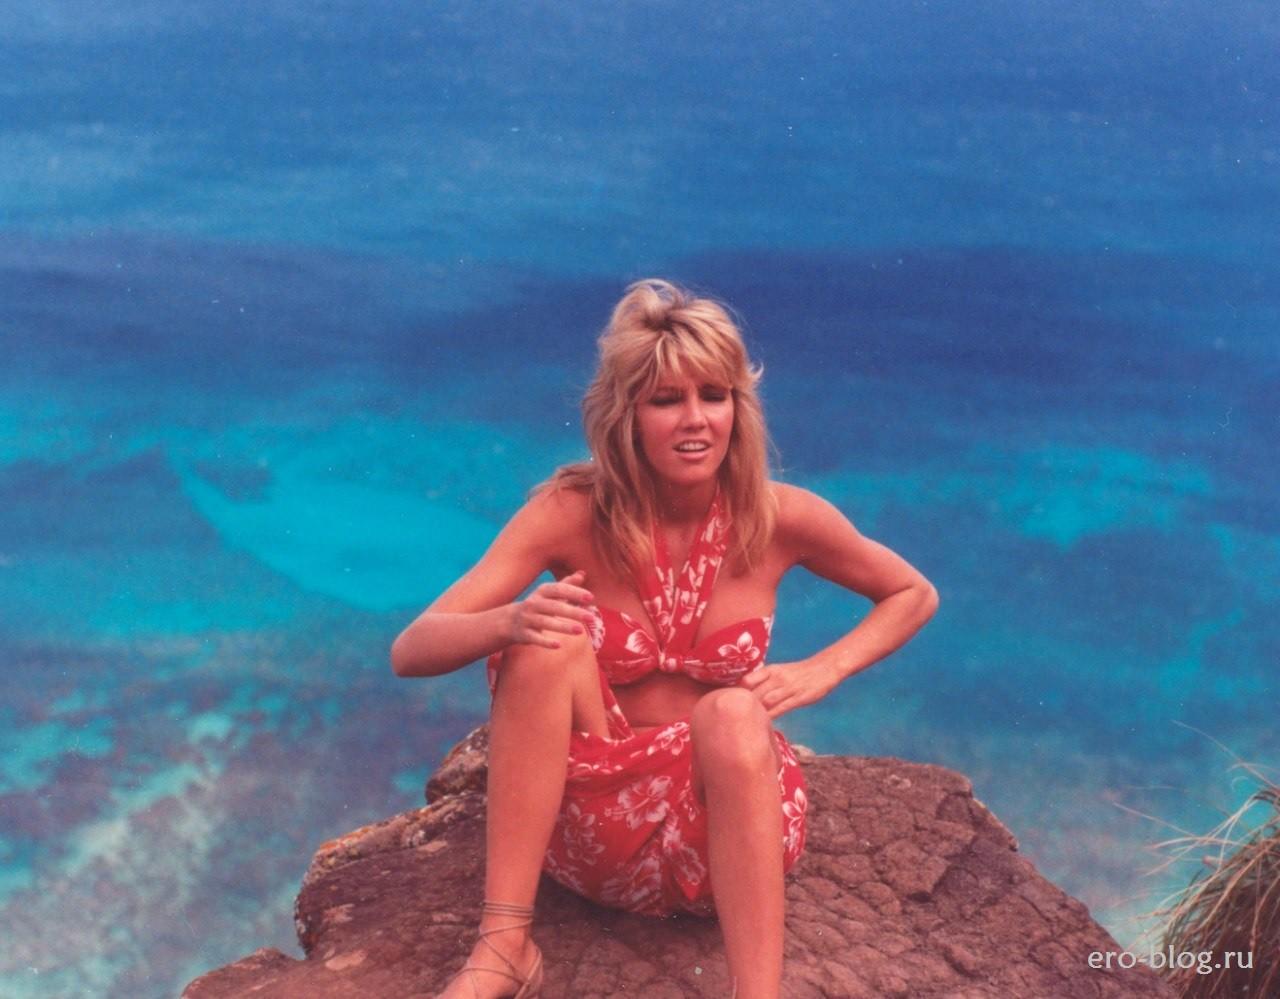 Голая обнаженная Heather Locklear | Хизер Локлир интимные фото звезды